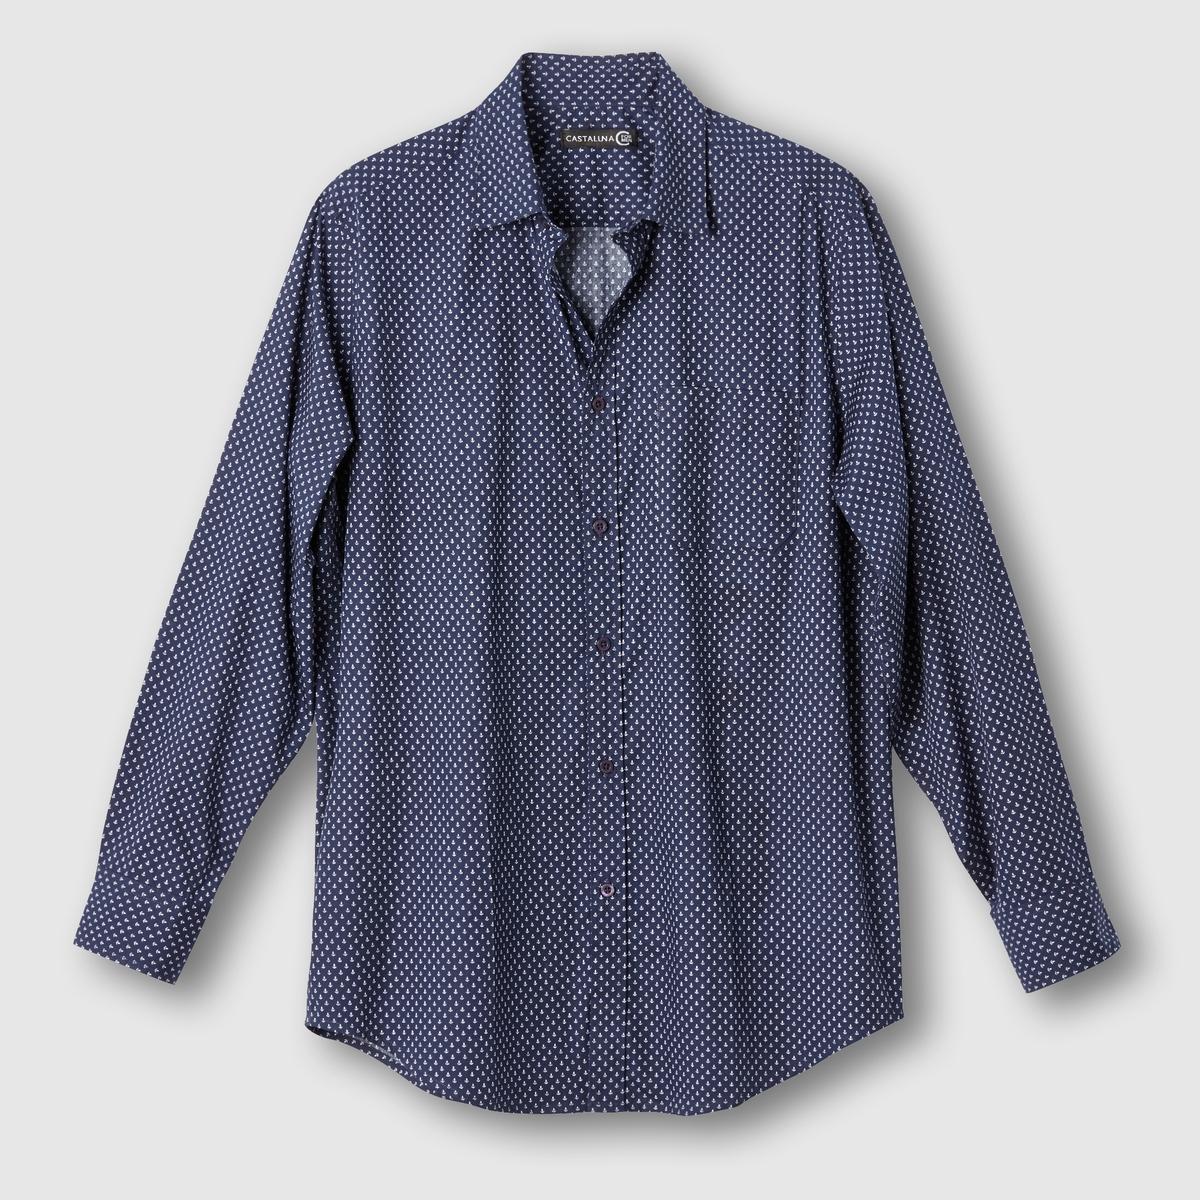 Рубашка с рисунком якоряРубашка с рисунком.  Воротник со свободными уголками. Длинные рукава. 1 нагрудный карман. Складка сзади. Поплин, 100% хлопка. Длина: 85 см.<br><br>Цвет: рисунок темно-синий